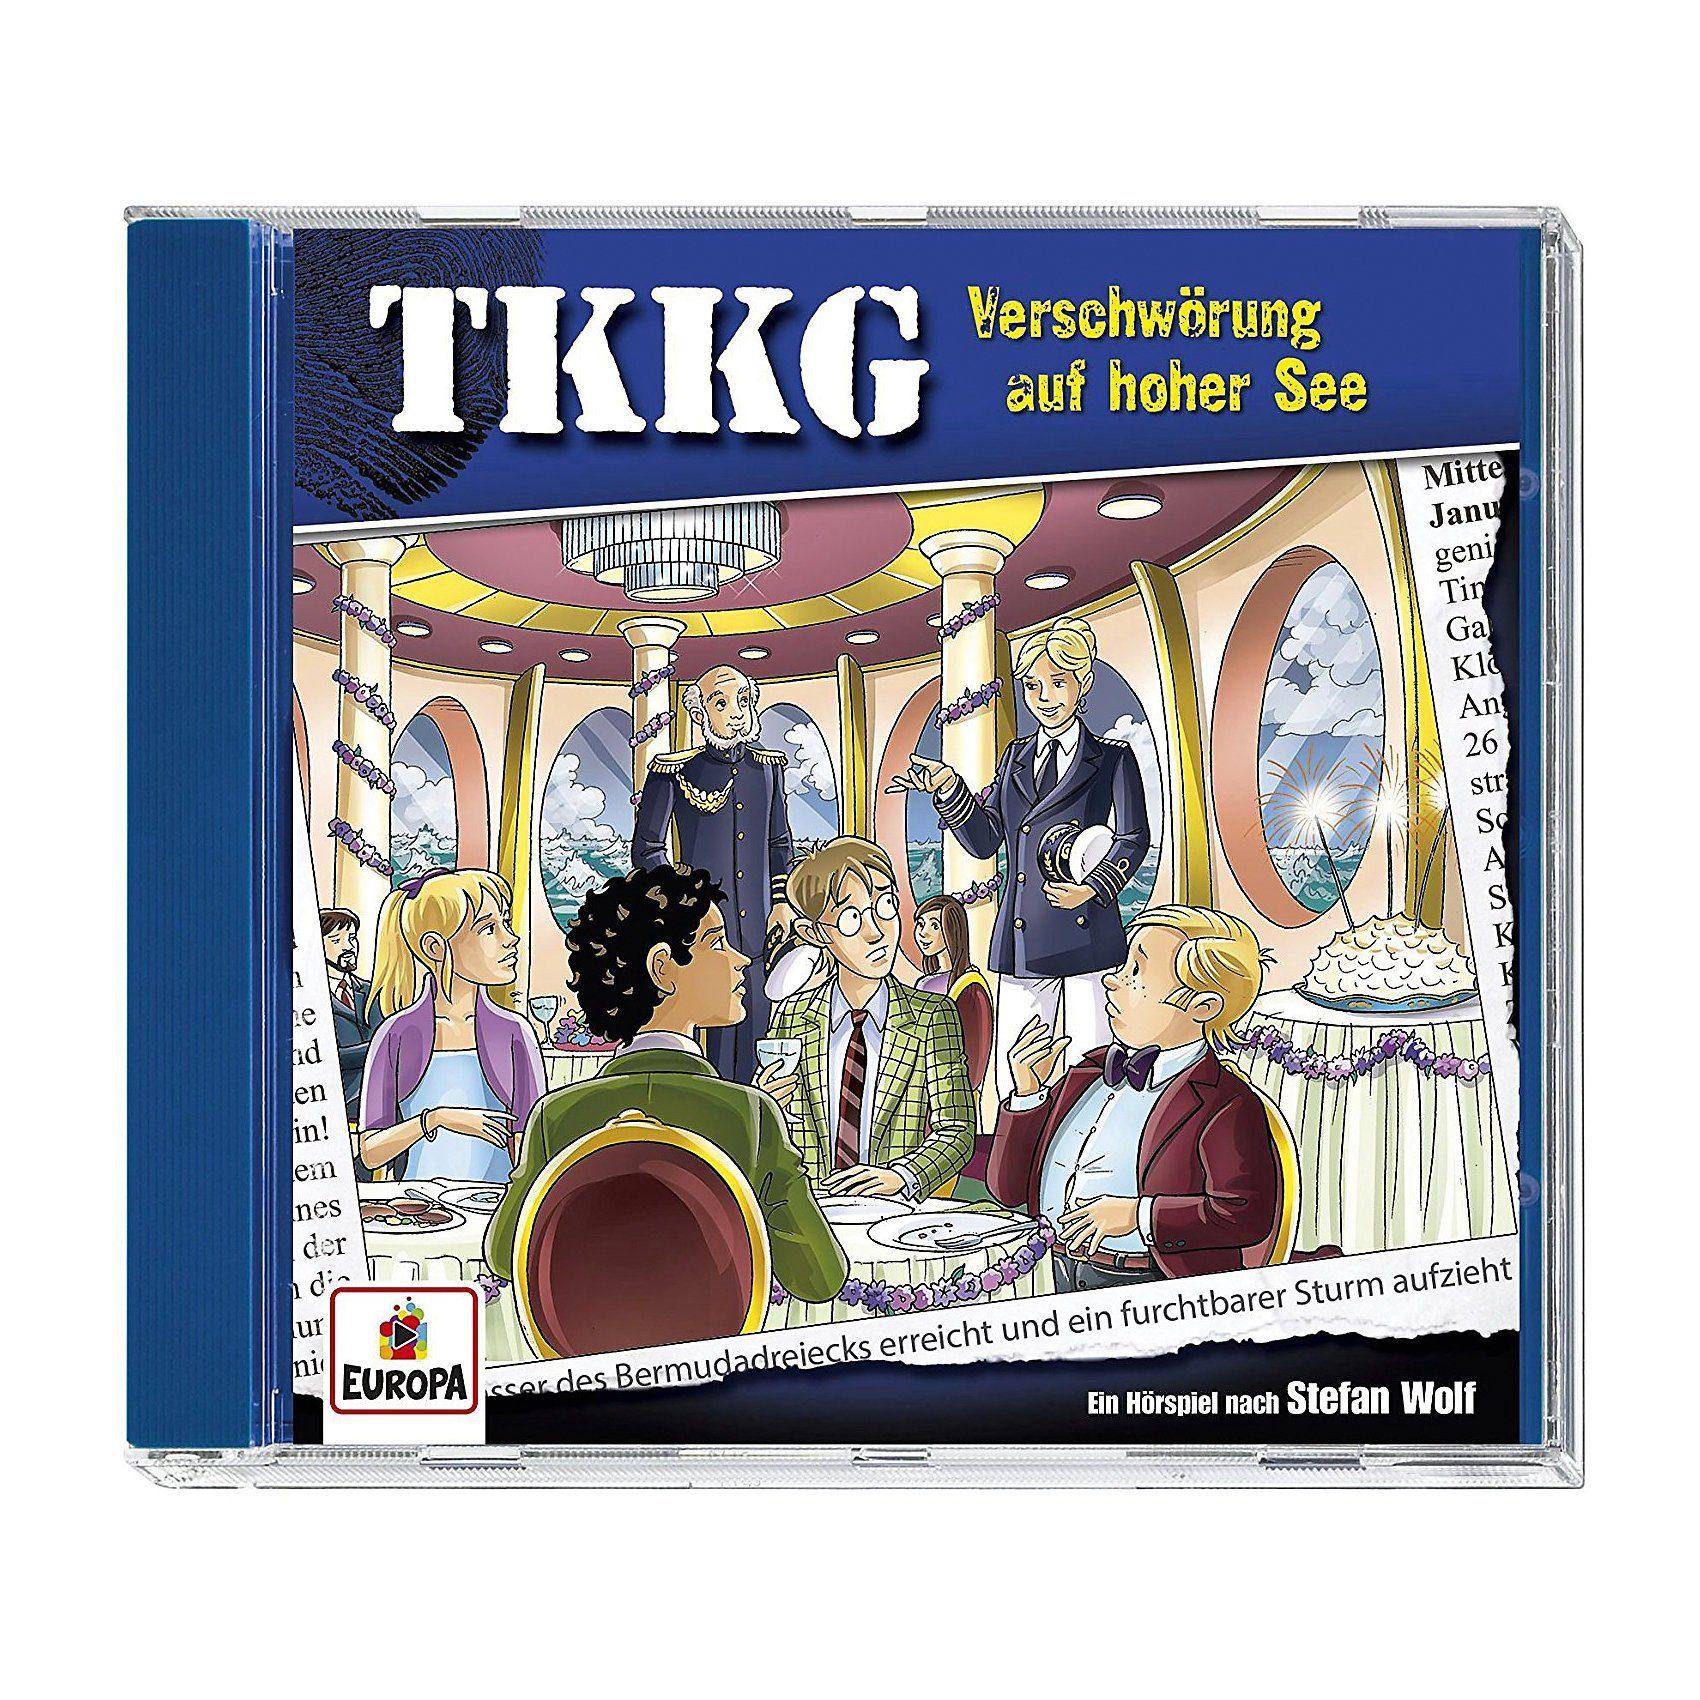 Sony CD TKKG 204 - Verschwörung auf hoher See